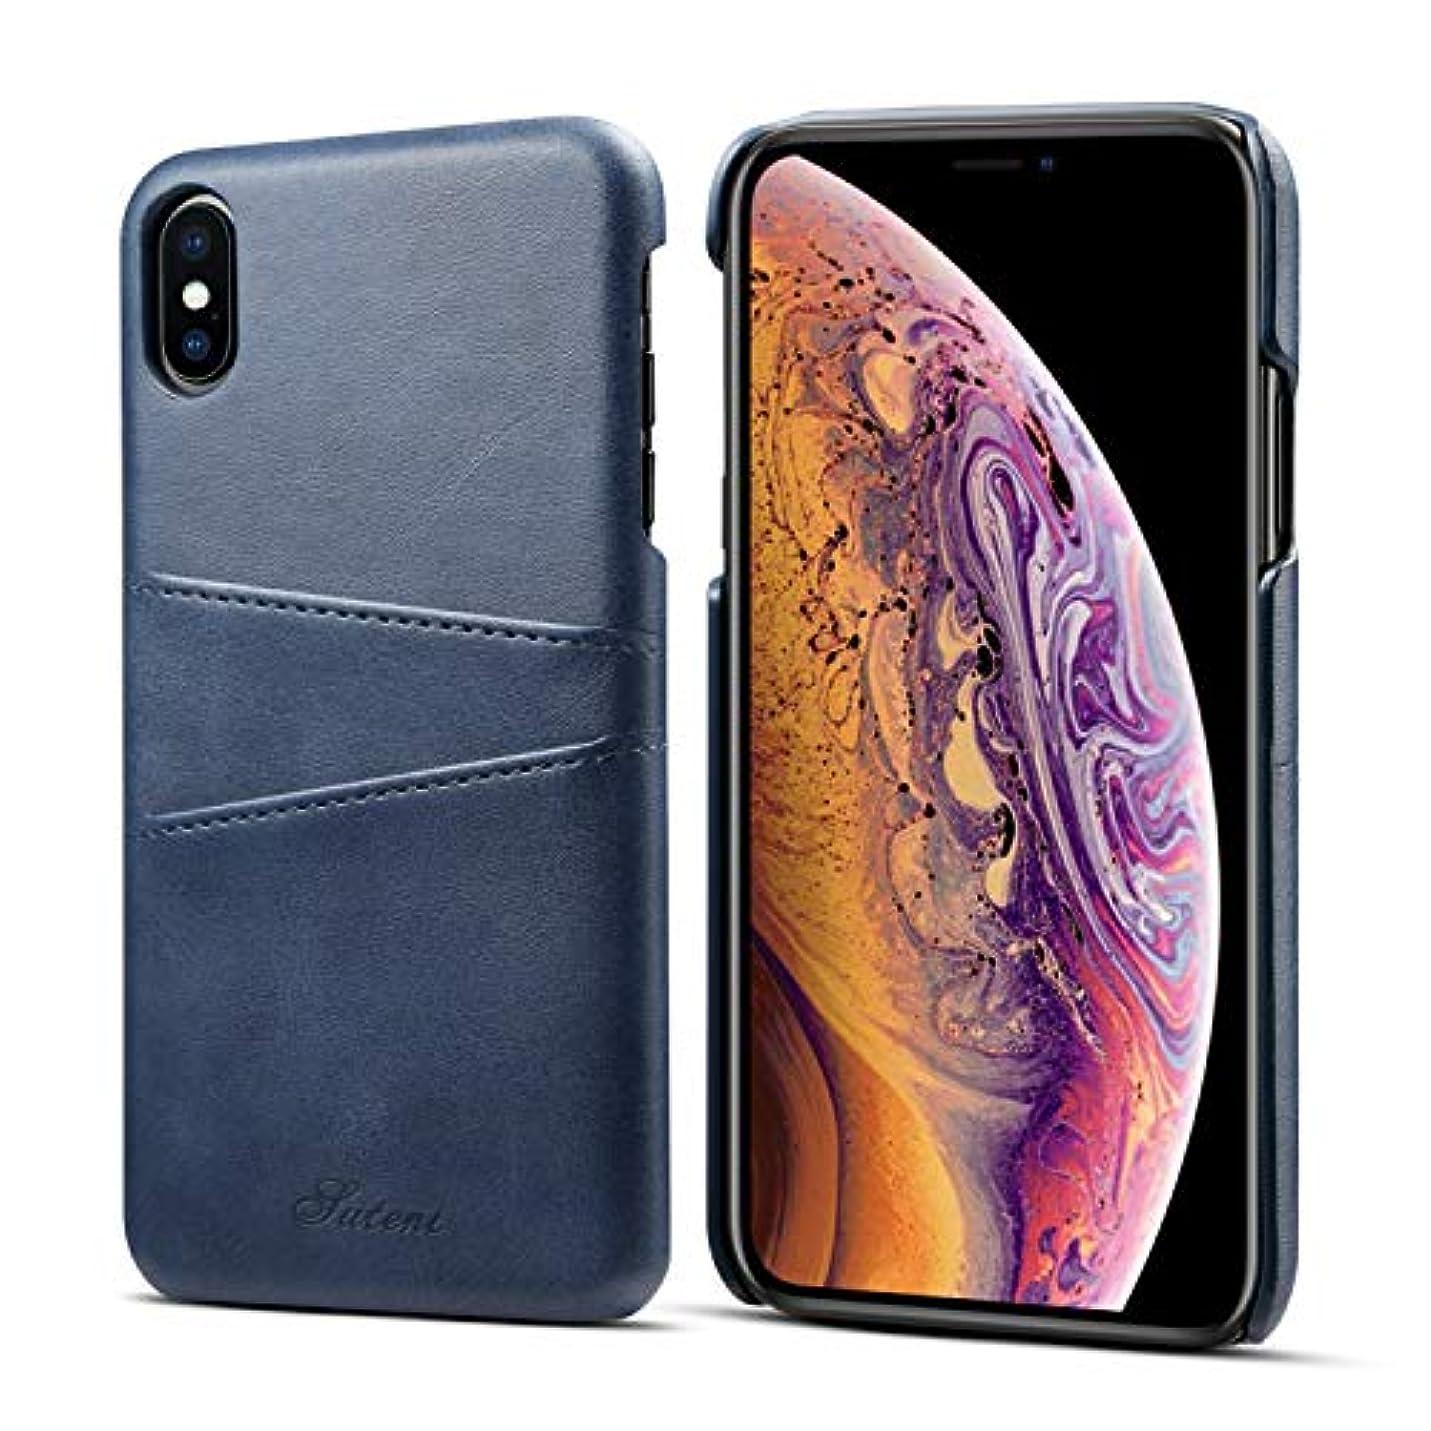 ランドリー魂崖iPhone XS Maxのための財布ケース、カード/ IDホルダースロット付きtaStoneプレミアムPUレザー電話ケースカバー6.5インチiPhone XS Maxのための軽量クラシックスタイルスリム保護スクリーンケース...